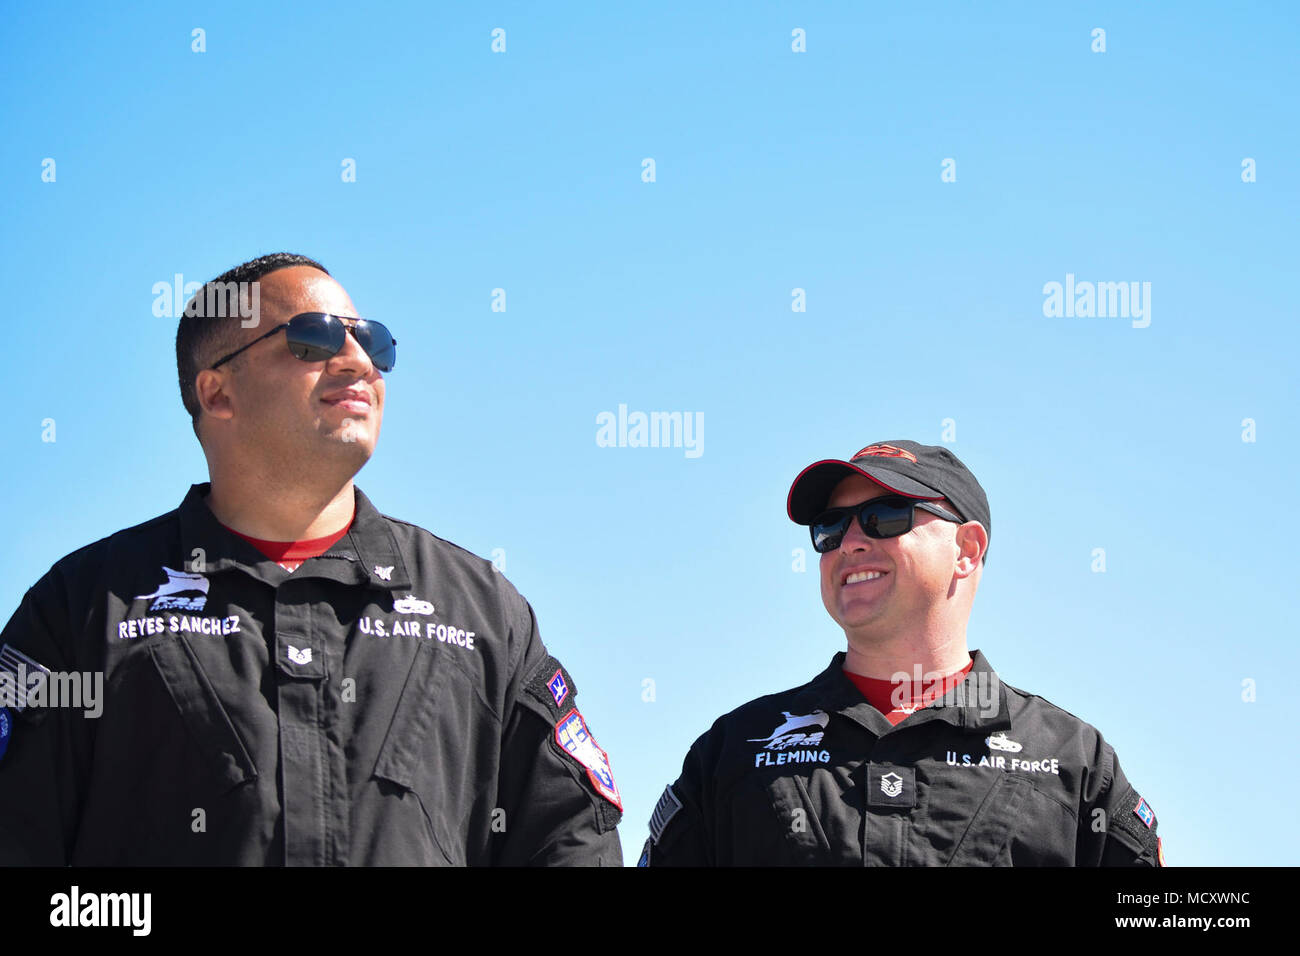 De gauche, U.S. Air Force Tech. Le Sgt. Reyes-Sanchez Yamil et Master Sgt. Jamie Fleming, F-22 Raptor et chef de l'équipe de l'équipe de démonstration de gestion respectivement, regarder le F-22 Raptor son rendement au cours de la 2018 Yuma Airshow hébergé par Marine Corps Air Station Yuma (Arizona), le 17 mars 2018. L'équipe se rendra à Santiago du Chili et de l'Alberta, Canada cette saison. Photo Stock